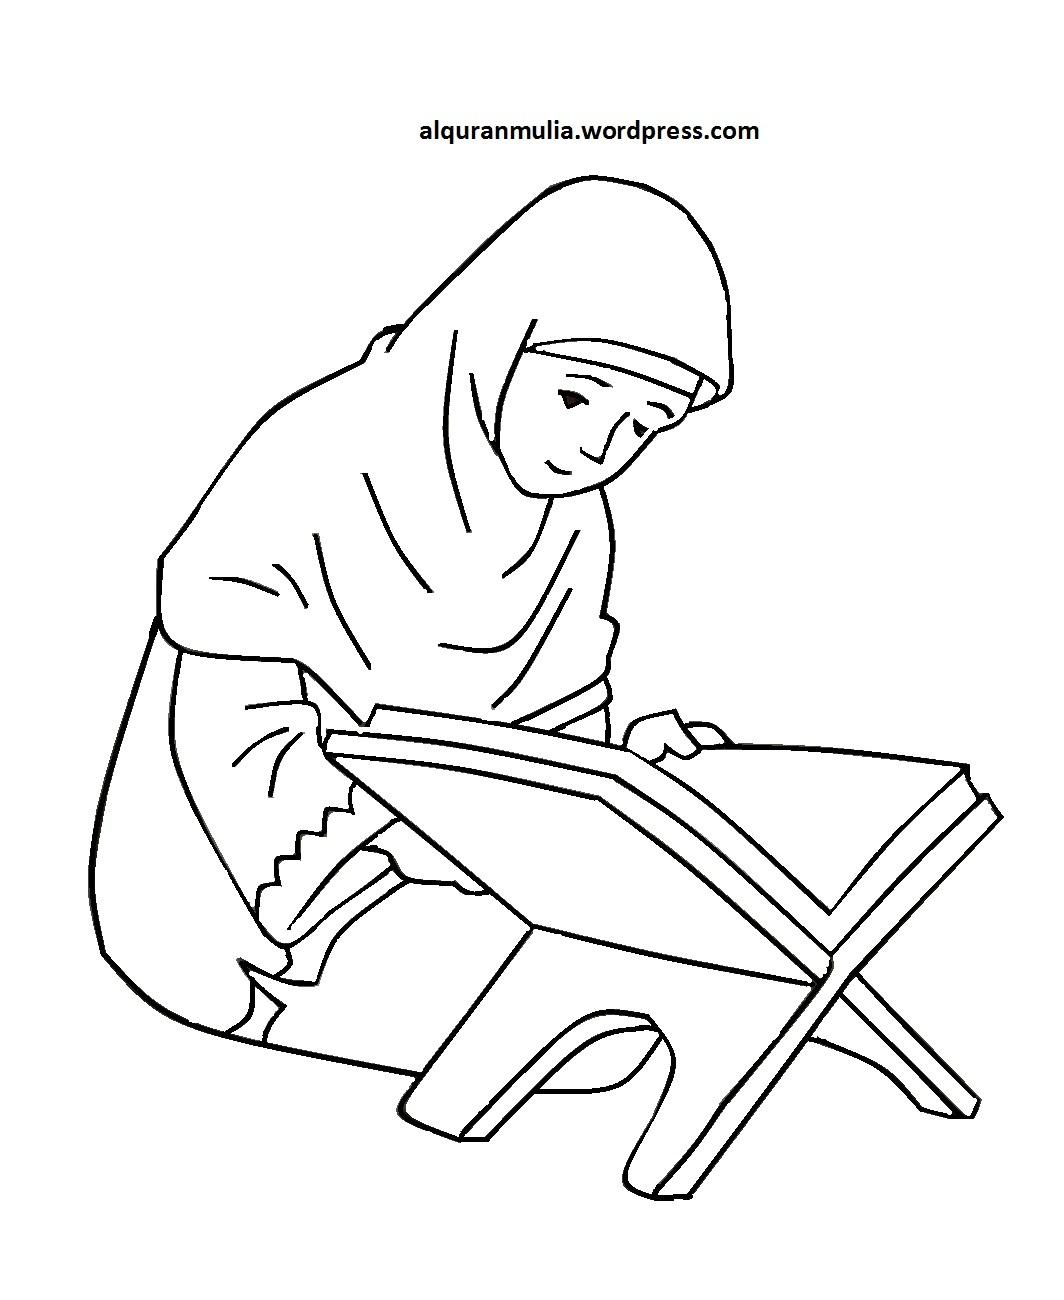 Mewarnai Gambar Kartun Anak Muslimah 85 Alquranmulia